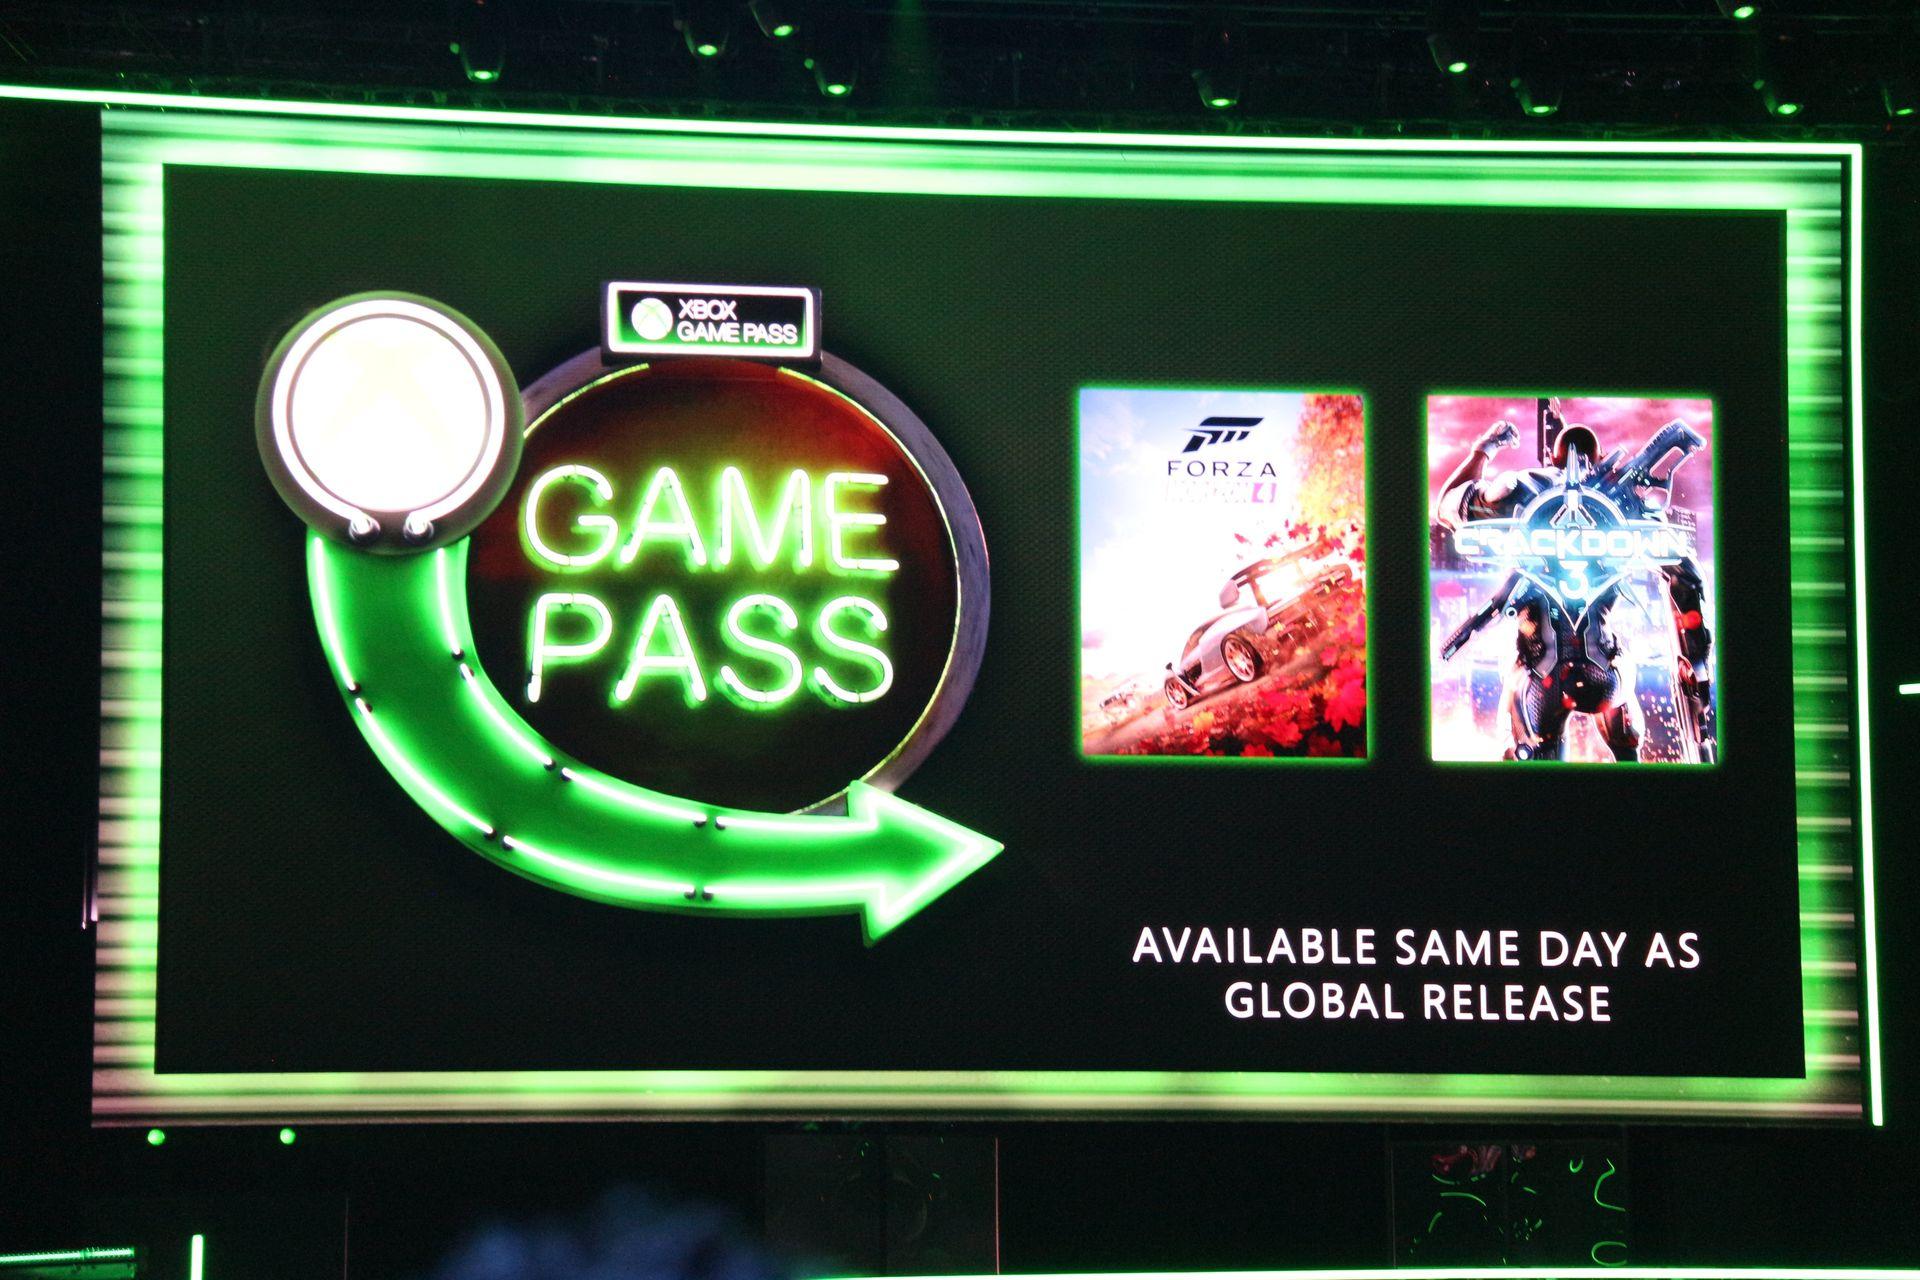 「Forza Horizon 4」、「Crackdown」も「Xbox Game Pass」対象に。Xboxは従来のパッケージからサブスクリプションに大きくビジネスモデルを変えつつある